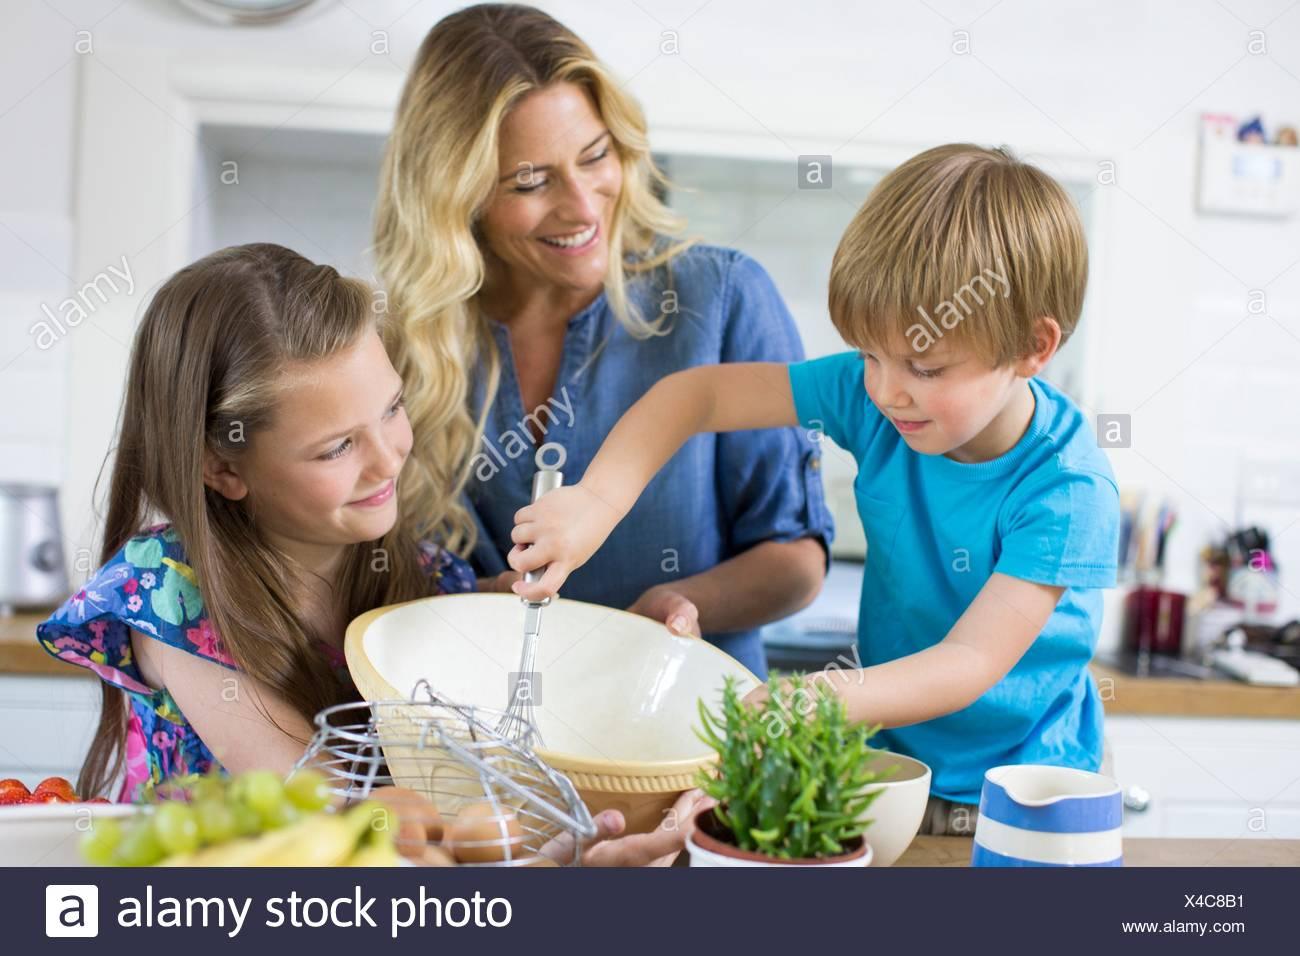 EIGENTUM FREIGEGEBEN. -MODELL VERÖFFENTLICHT. Mutter und Sohn und Tochter in der Küche. Stockbild